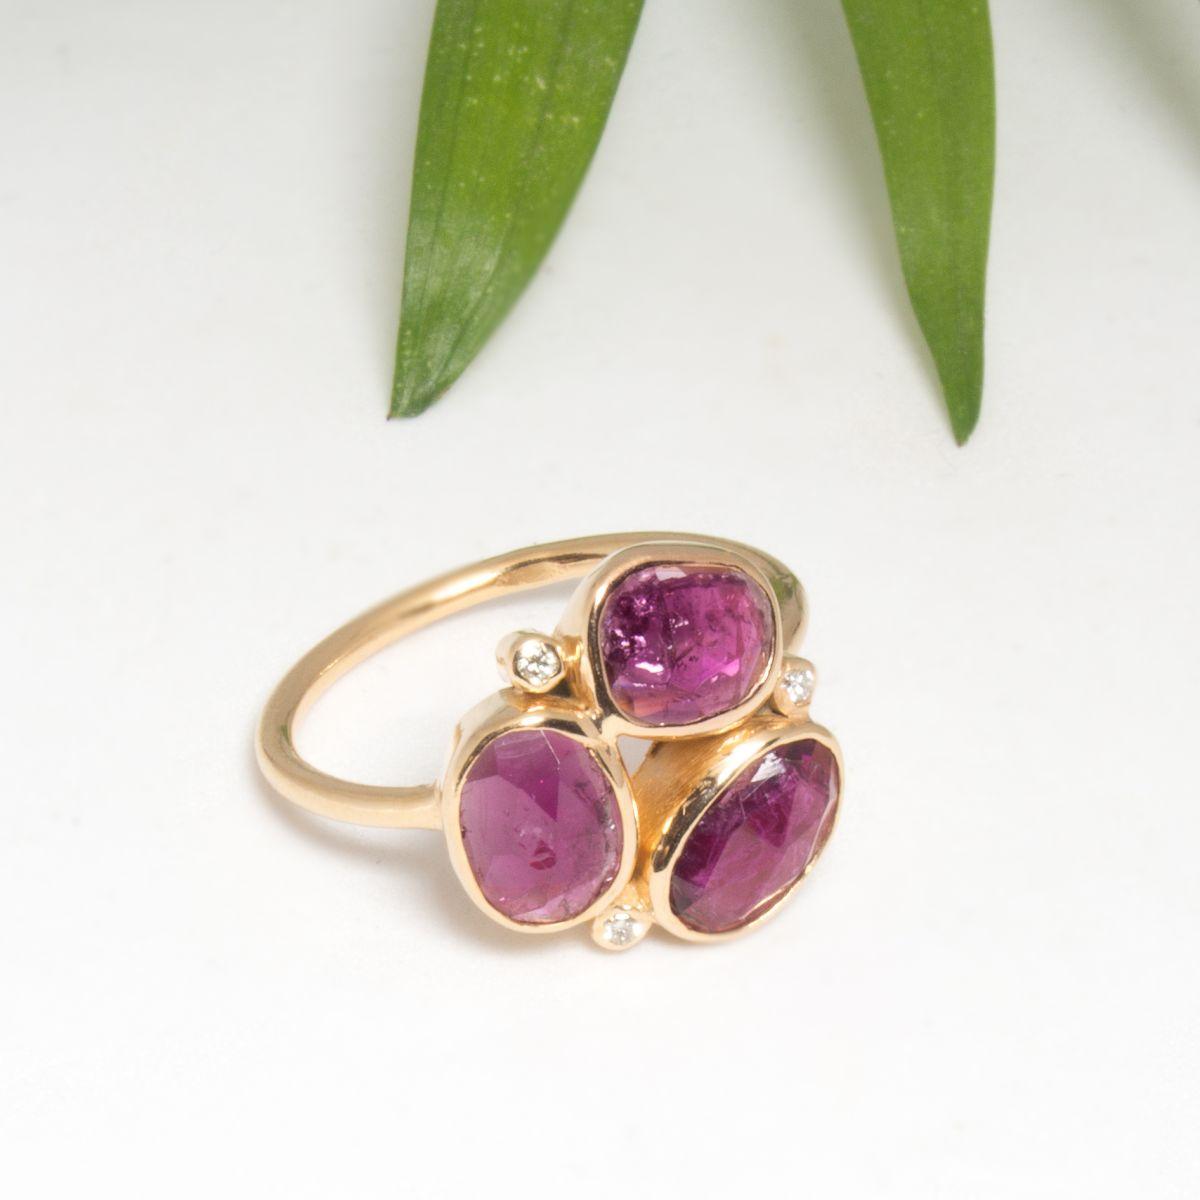 Bague Fleur Tourmaline Rose Creatrice De Bijoux Artisanaux